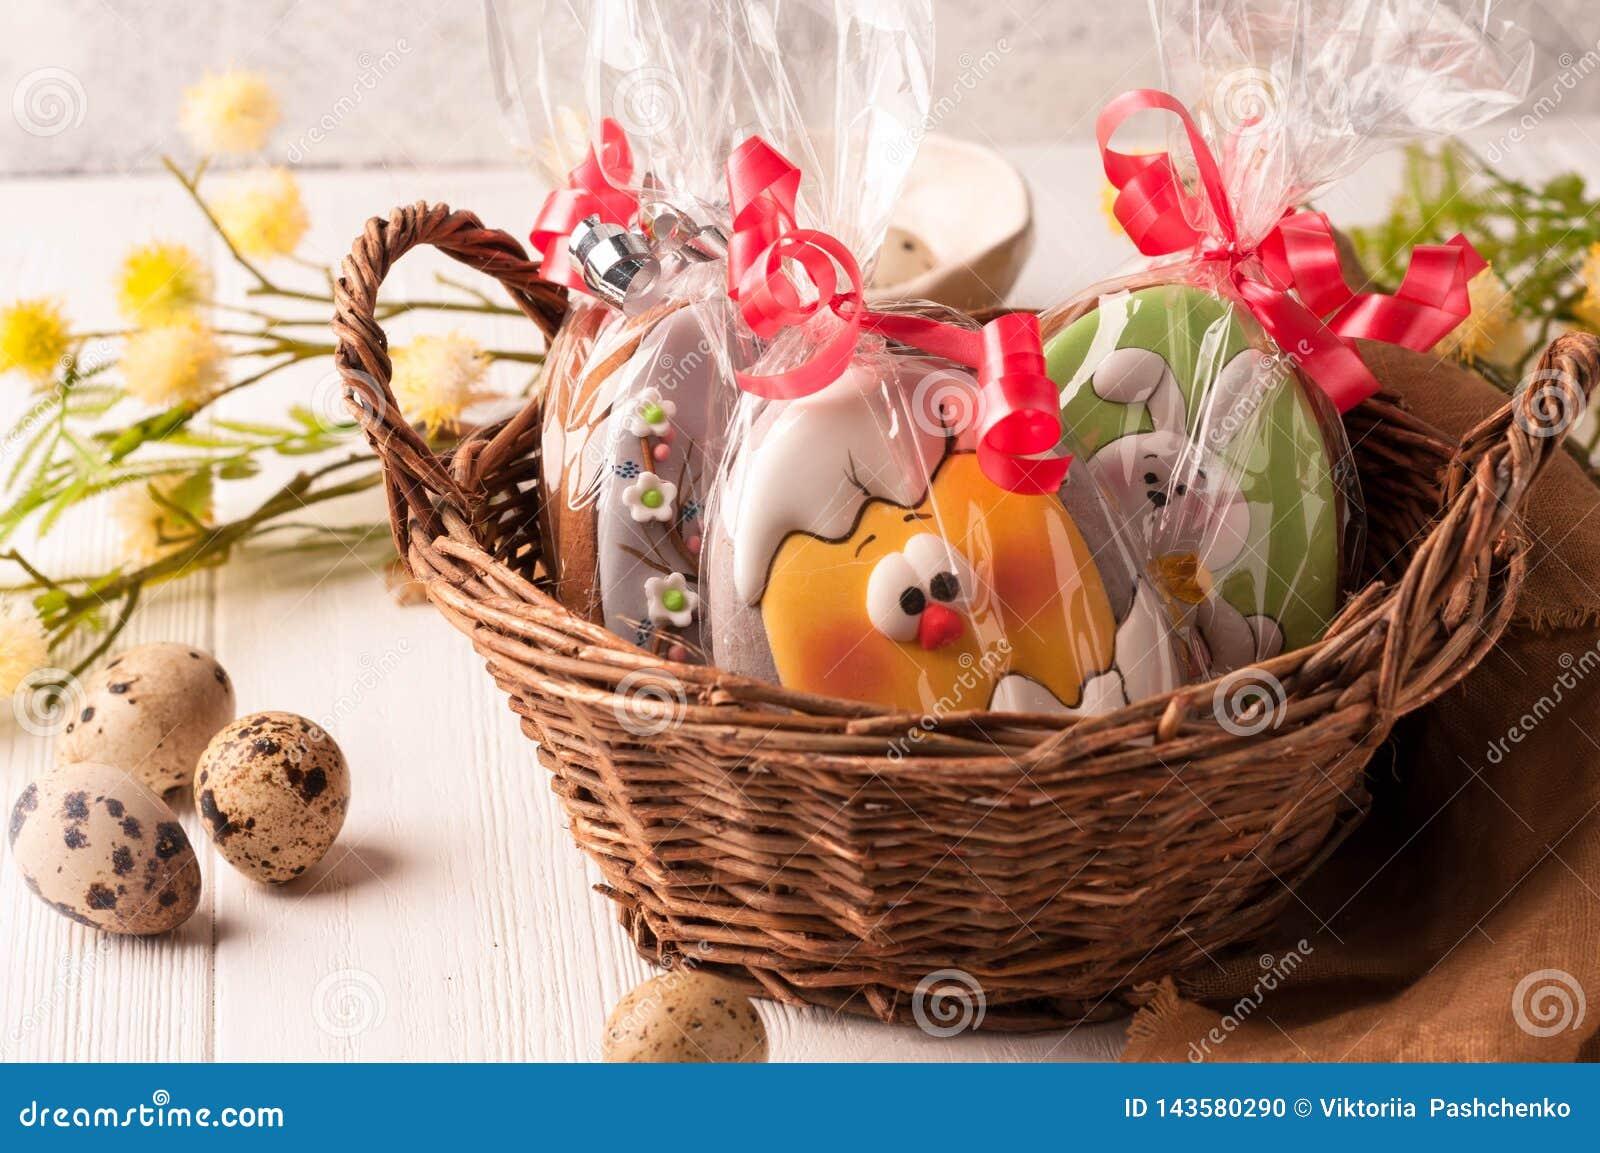 Cesta marrom de vime com as cookies envolvidas de easter perto dos ovos de codorniz e do ramo de florescência